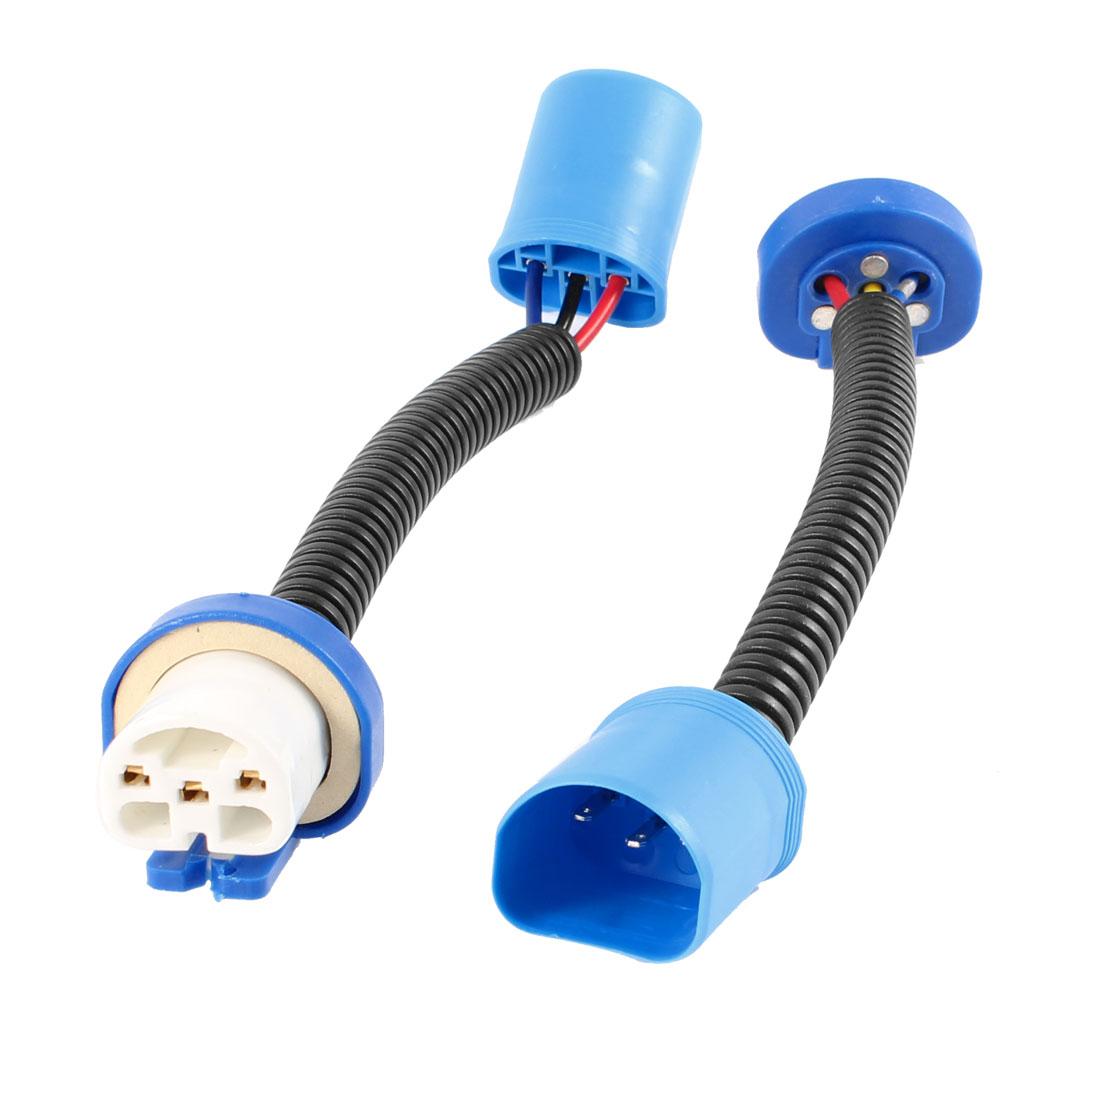 2pcs 9007 Ceramic Male to Female Harnesss Adapter Socket for Fog Light